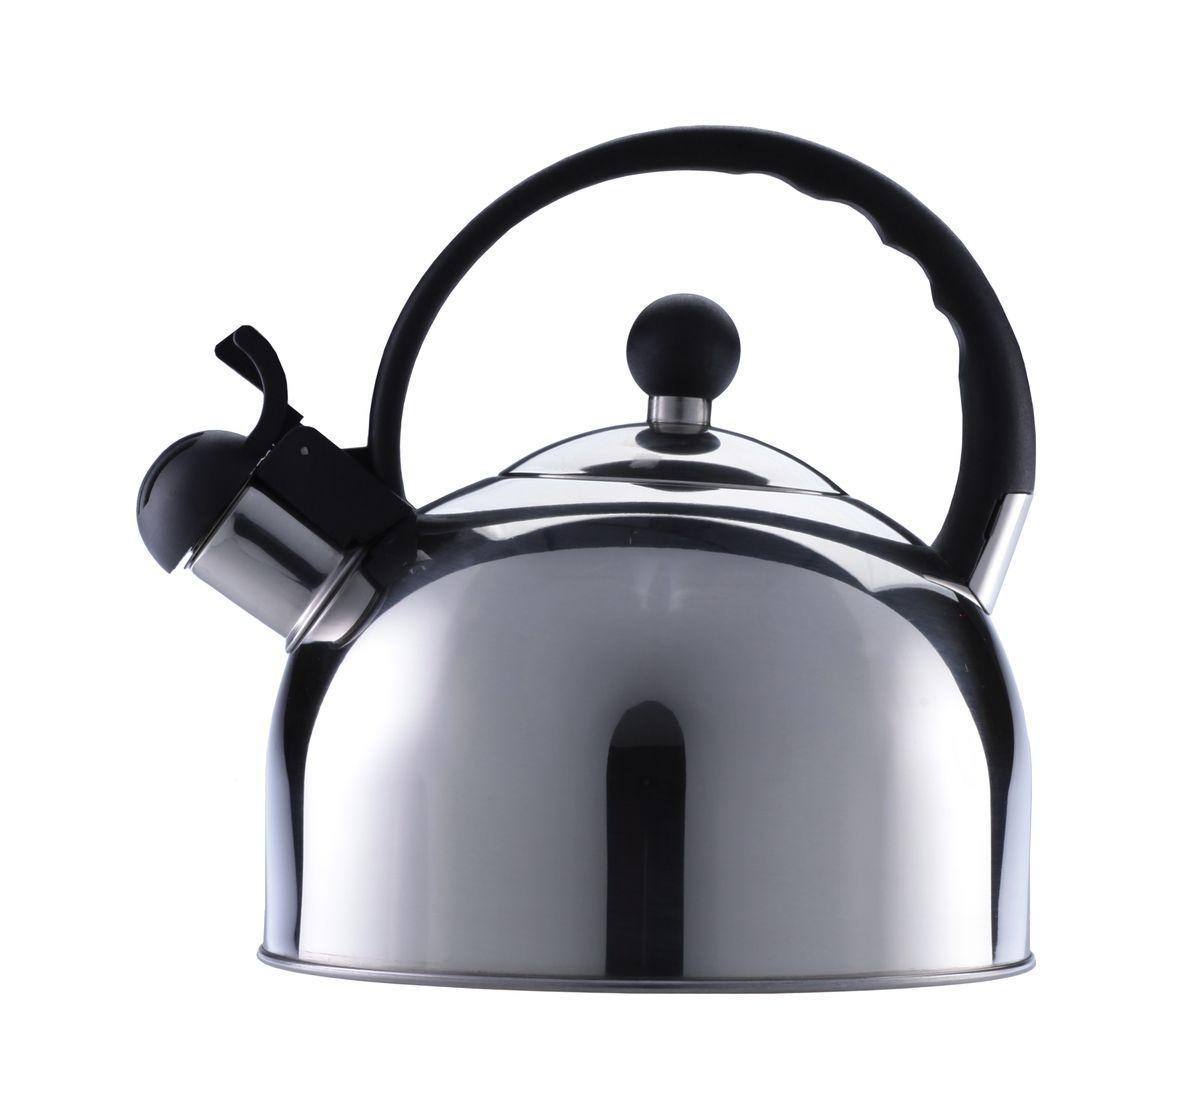 Чайник Walmer, 2,5 лW11000318Никто не расскажет об истинно британском качестве лучше, чем Walmer! Практичный чайник, изготовленный из нержавеющей стали, снабженный термоизолированной ручкой из бакелита и свистком, станет вашим верным помощником – сообщит о закипании и позволит безопасно налить кипяток. Вскипятить 2,5 литра воды буквально за несколько минут? С чайником от Walmer это возможно! Он оборудован трехслойным дном: использование в нем алюминиевого слоя позволяет максимально быстро нагревать весь объем содержимого. Чайник выполнен в элегантном, минималистичном стиле – холодный блеск нержавеющей стали отлично гармонирует с любой цветовой палитрой посуды на современной кухне. Свисток чайника одновременно выполняет и защитную функцию, закрывая носик и блокируя путь брызгам воды при закипании – оборудованный предохранительной накладкой из бакелита, он никогда не станет причиной ожога. Представленный чайник от Walmer подходит для любых типов плит, включая ...